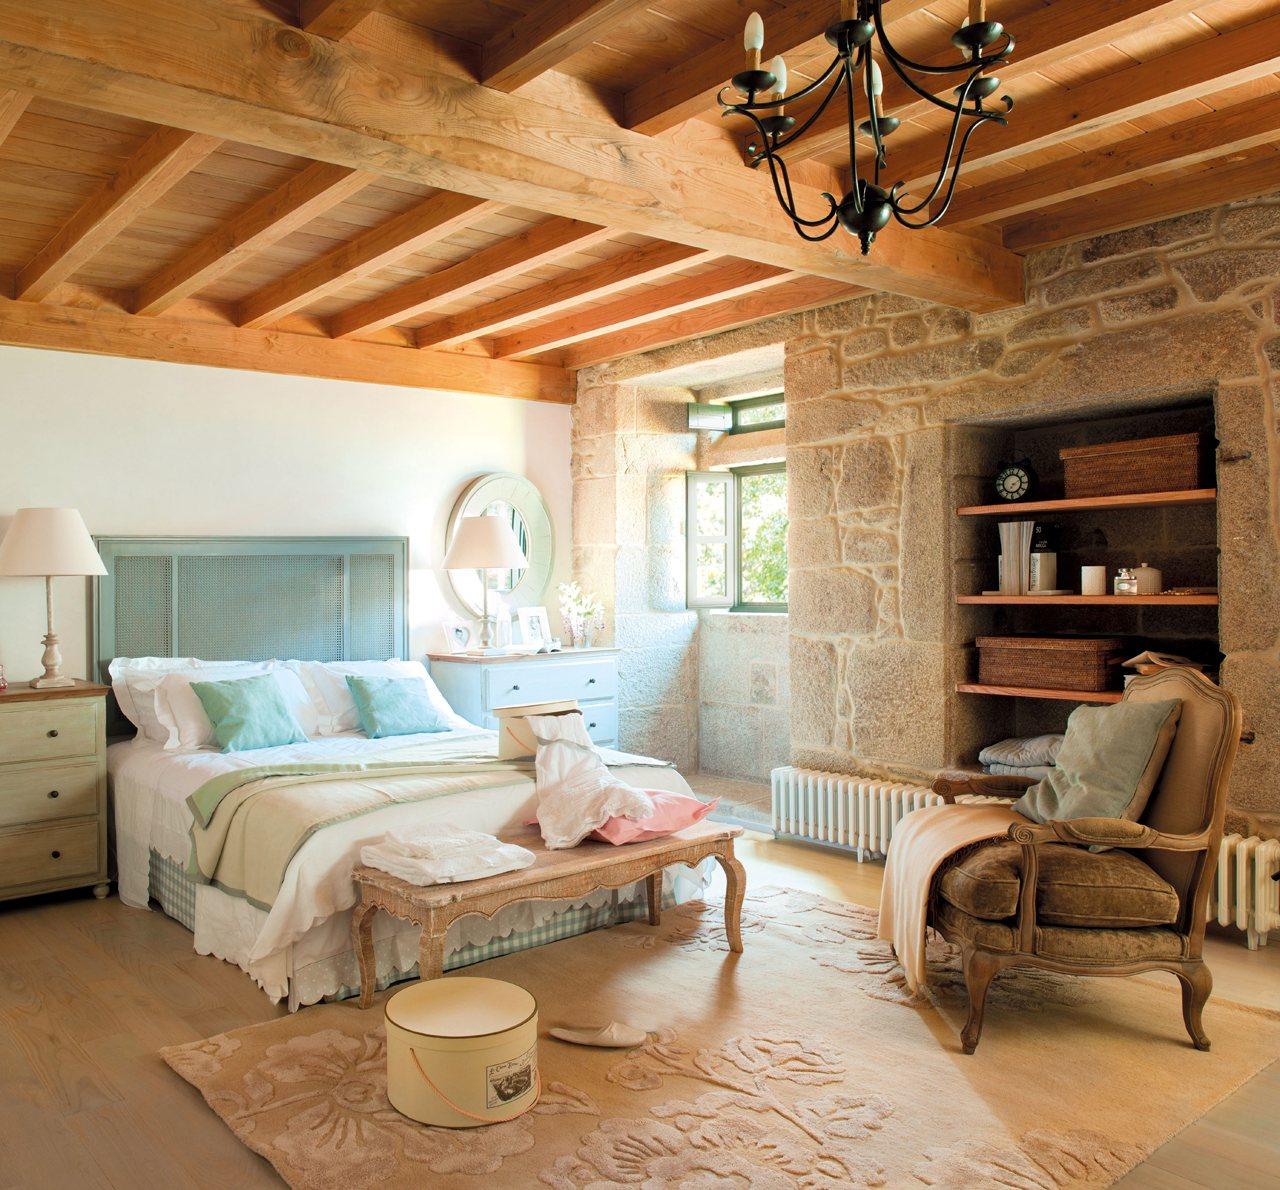 El poder de los peque os detalles for Dormitorio rustico